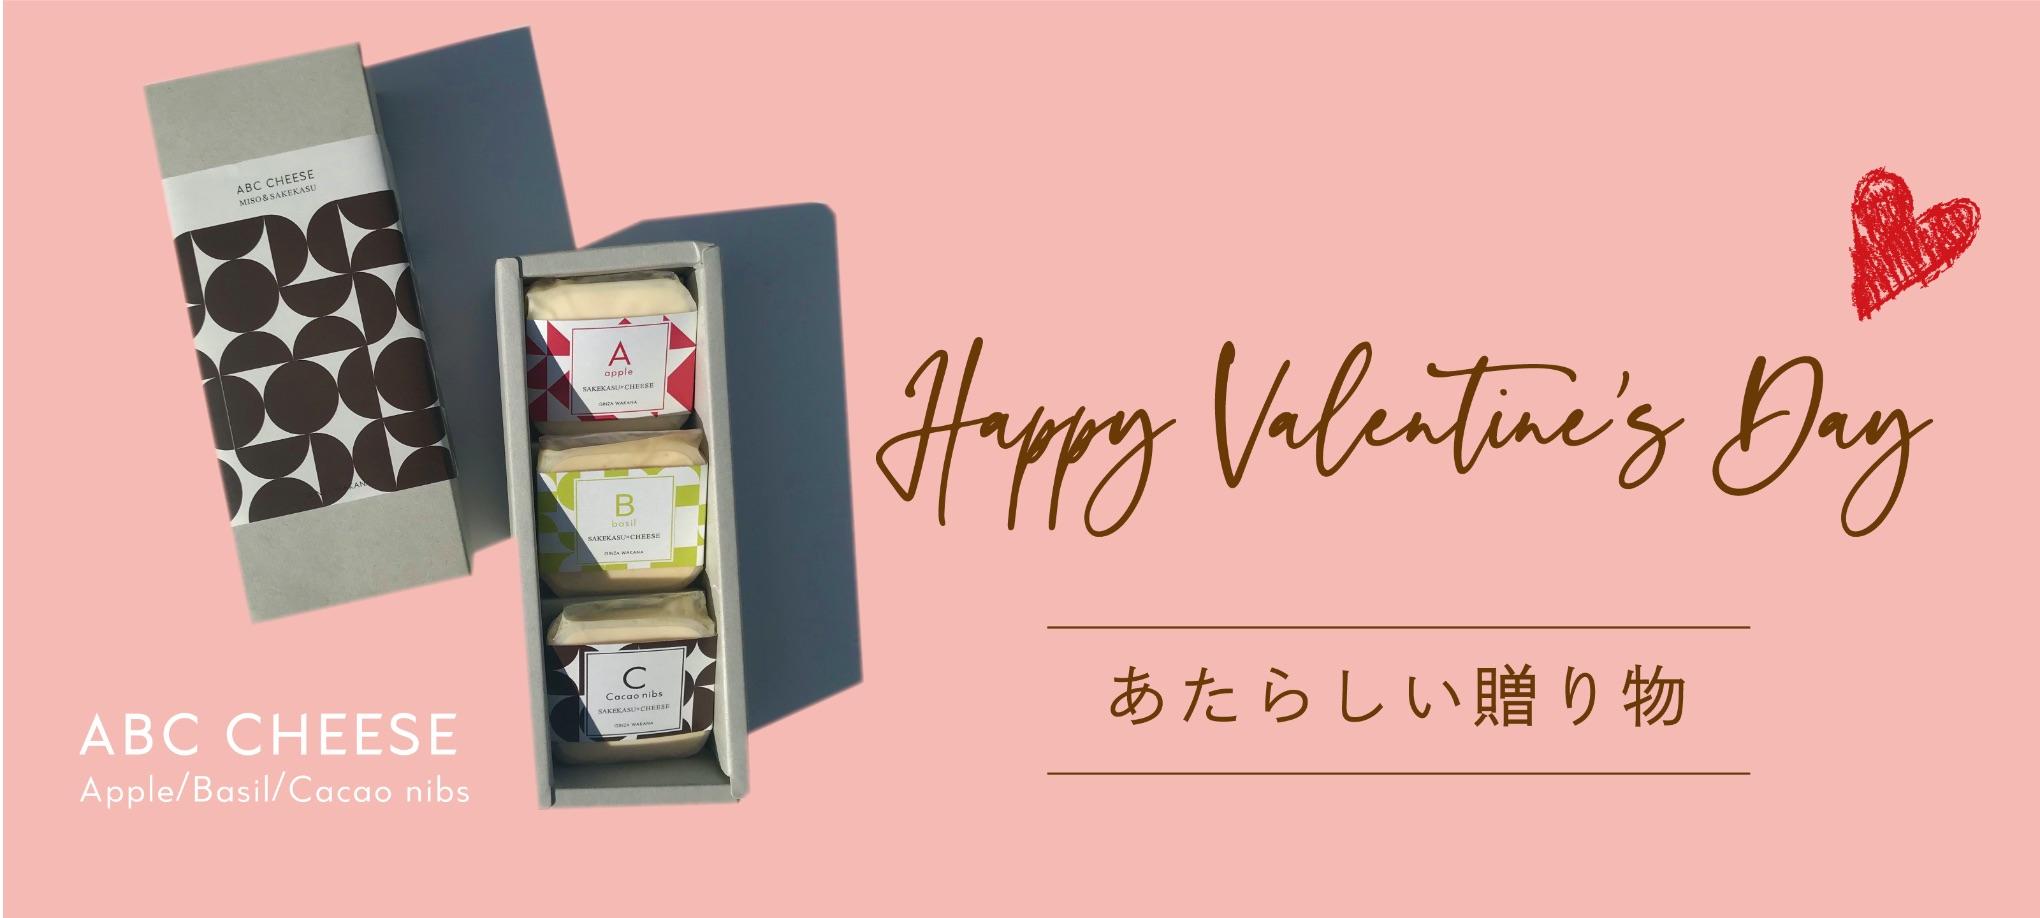 abc-cheese-valentines-%e3%83%90%e3%83%ac%e3%83%b3%e3%82%bf%e3%82%a4%e3%83%b3%e3%83%81%e3%83%bc%e3%82%ba-%e8%b5%b7%e5%8f%b8-2